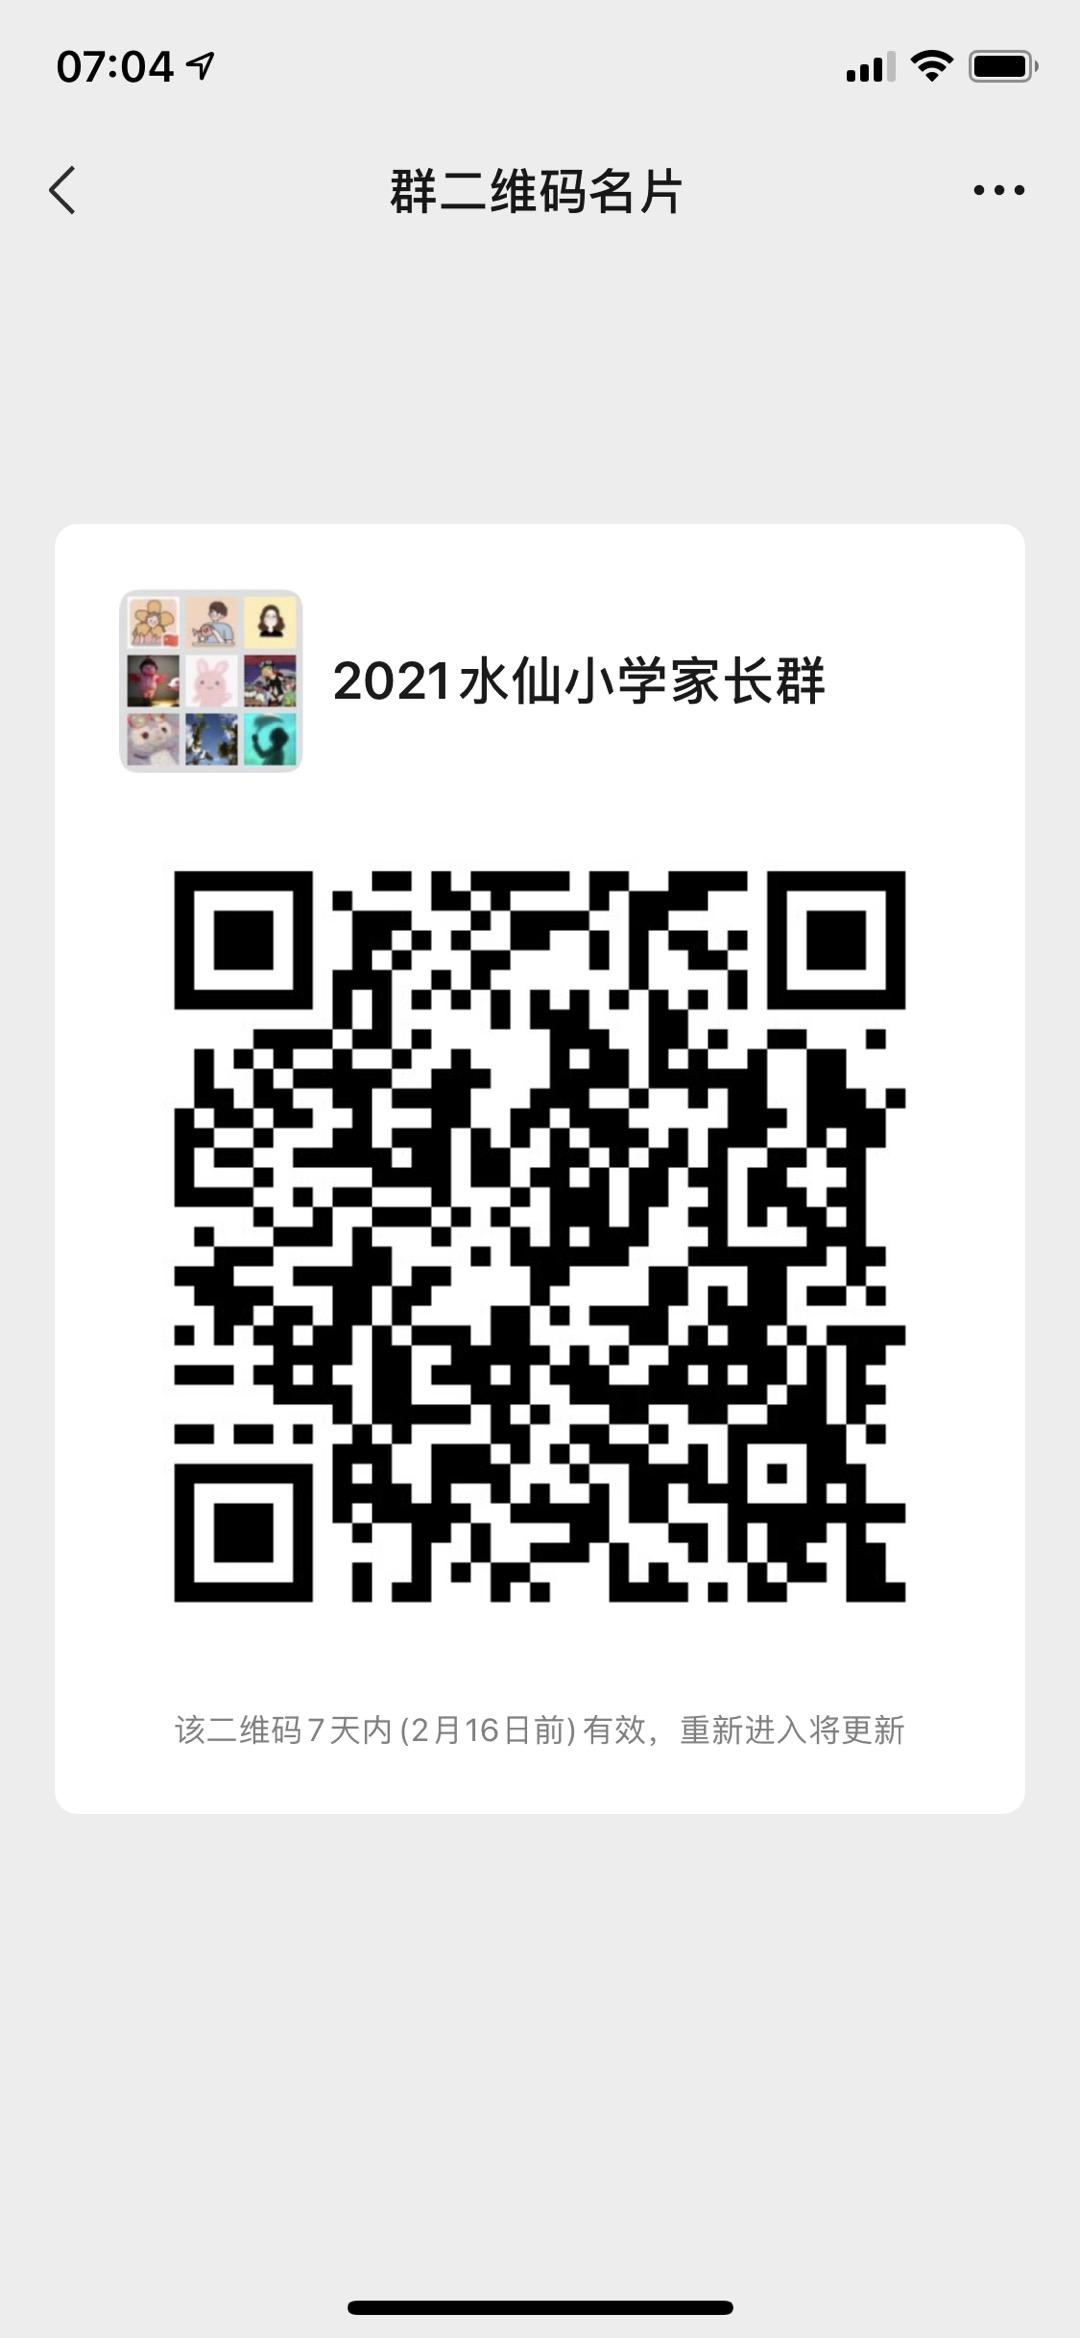 5F8884E5-F213-41BA-823D-5D9270C62835.jpg